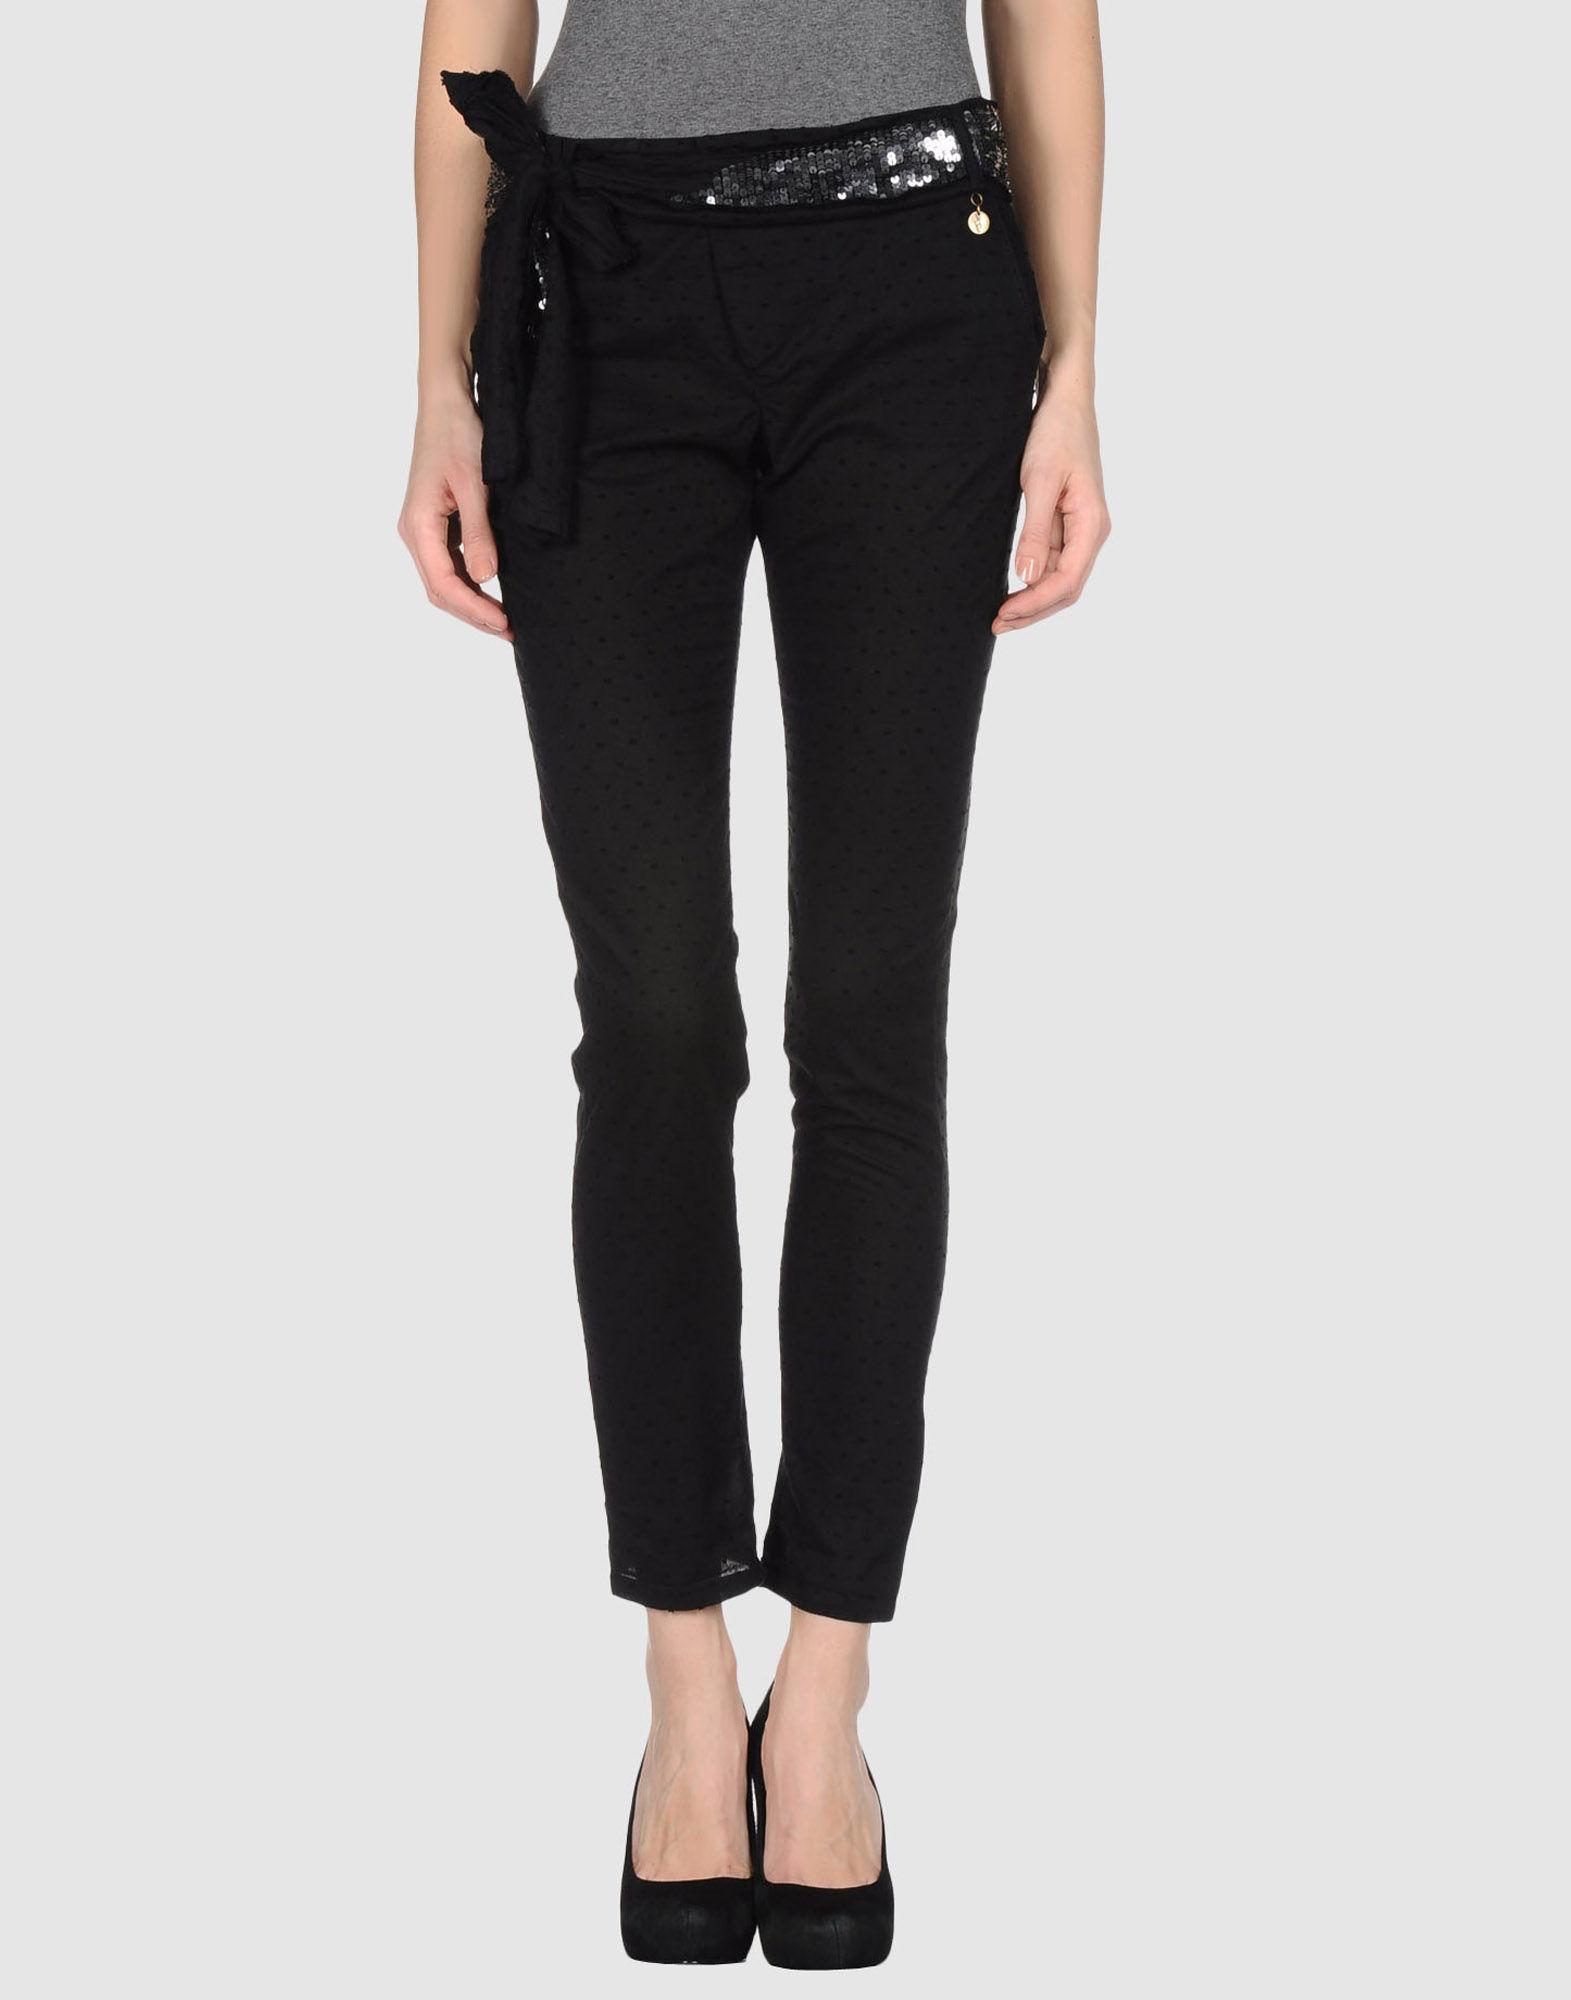 где купить ONLY 4 STYLISH GIRLS by PATRIZIA PEPE Повседневные брюки по лучшей цене